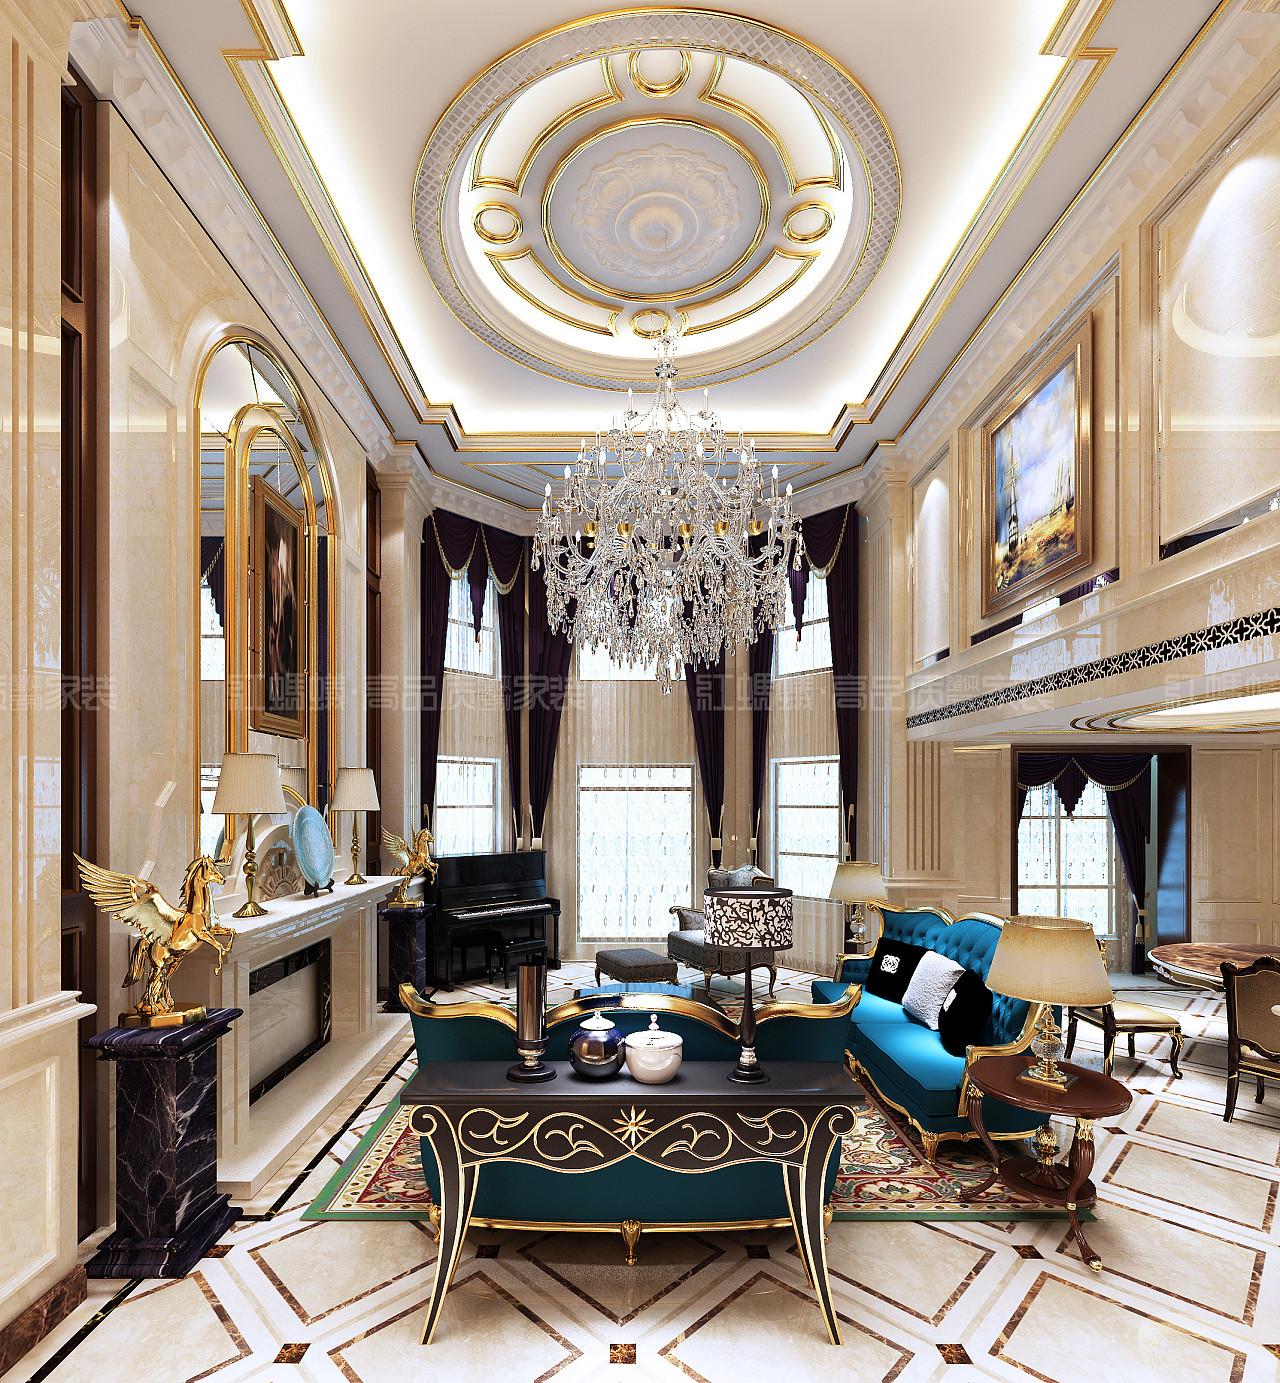 美式新古典主义风格自由粗犷,成就了欧式新古典多元化的风格.图片